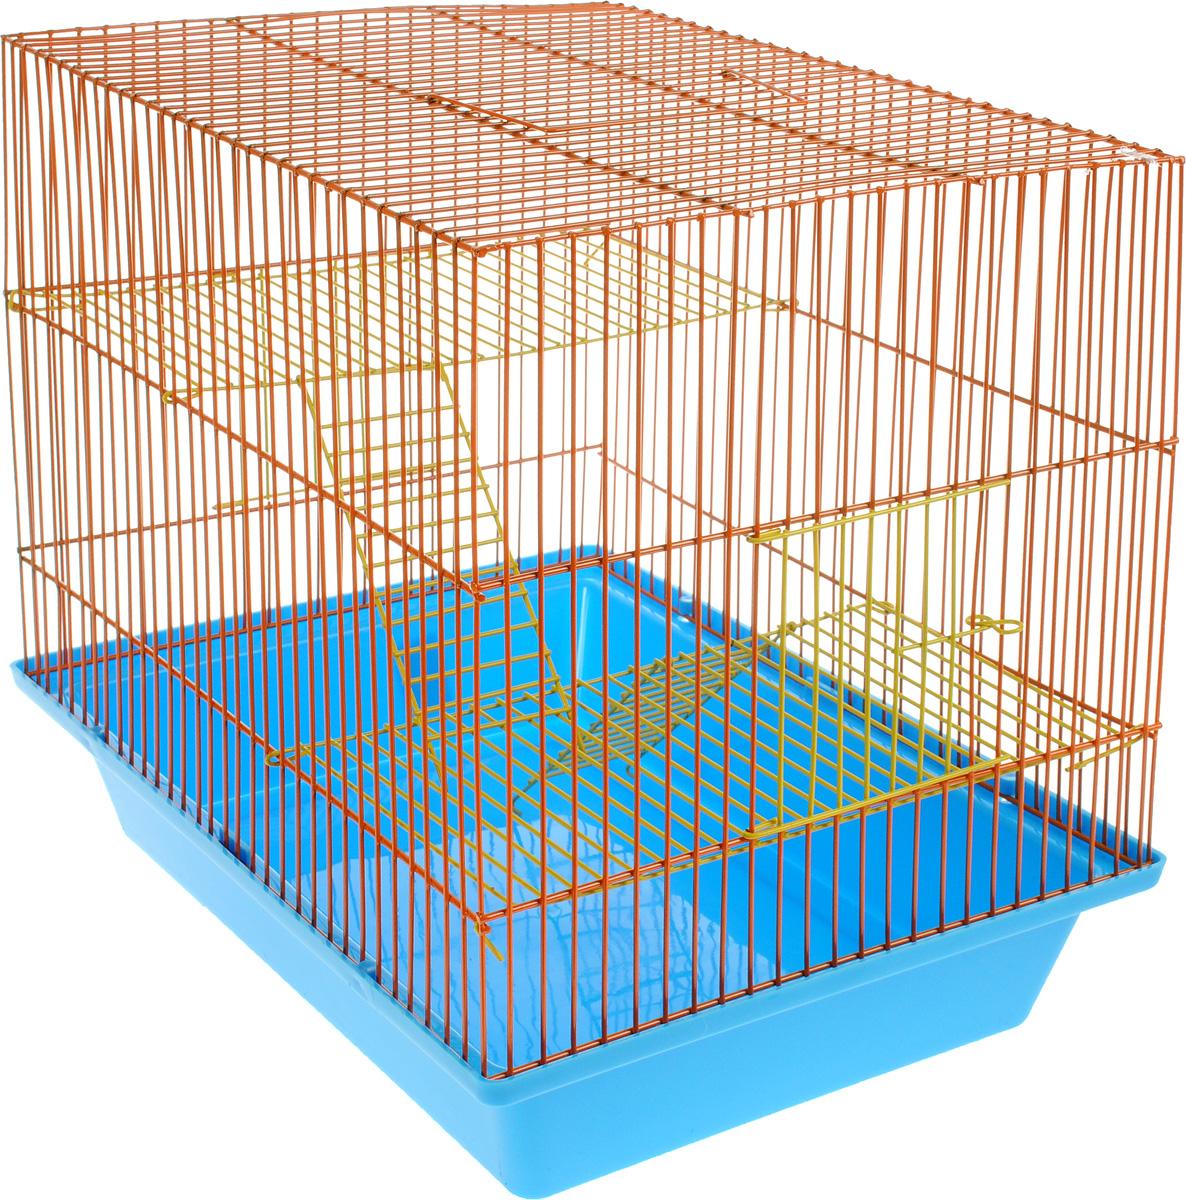 Клетка для грызунов ЗооМарк Гризли, 3-этажная, цвет: голубой поддон, оранжевая решетка, желтые этажи, 41 х 30 х 36 см. 230ж230жСОКлетка ЗооМарк Гризли, выполненная из полипропилена и металла, подходит для мелких грызунов. Изделие трехэтажное. Клетка имеет яркий поддон, удобна в использовании и легко чистится. Сверху имеется ручка для переноски. Такая клетка станет уединенным личным пространством и уютным домиком для маленького грызуна.